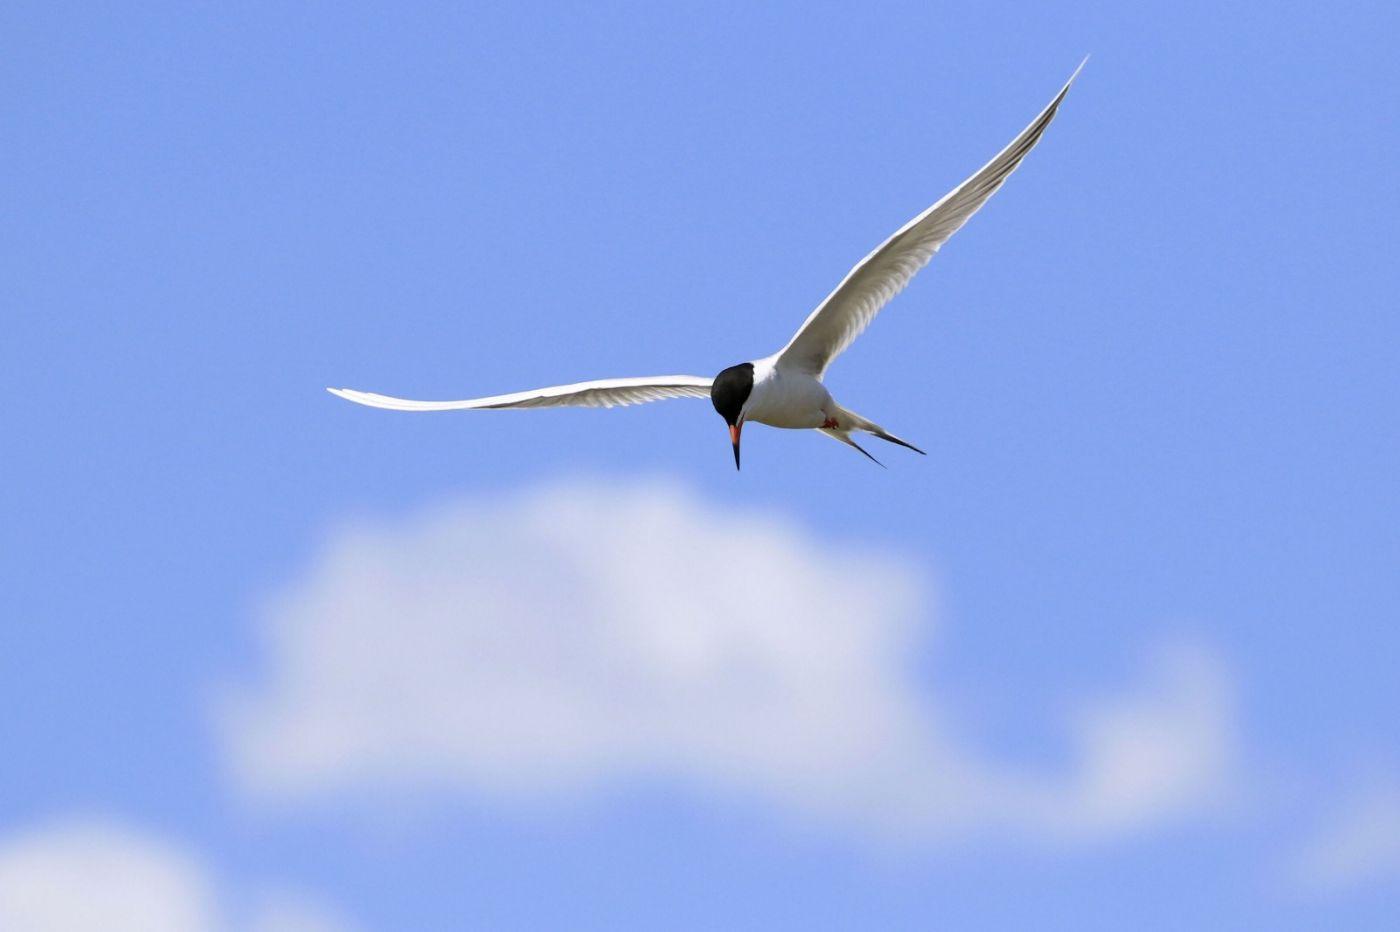 燕鸥捕鱼_图1-1